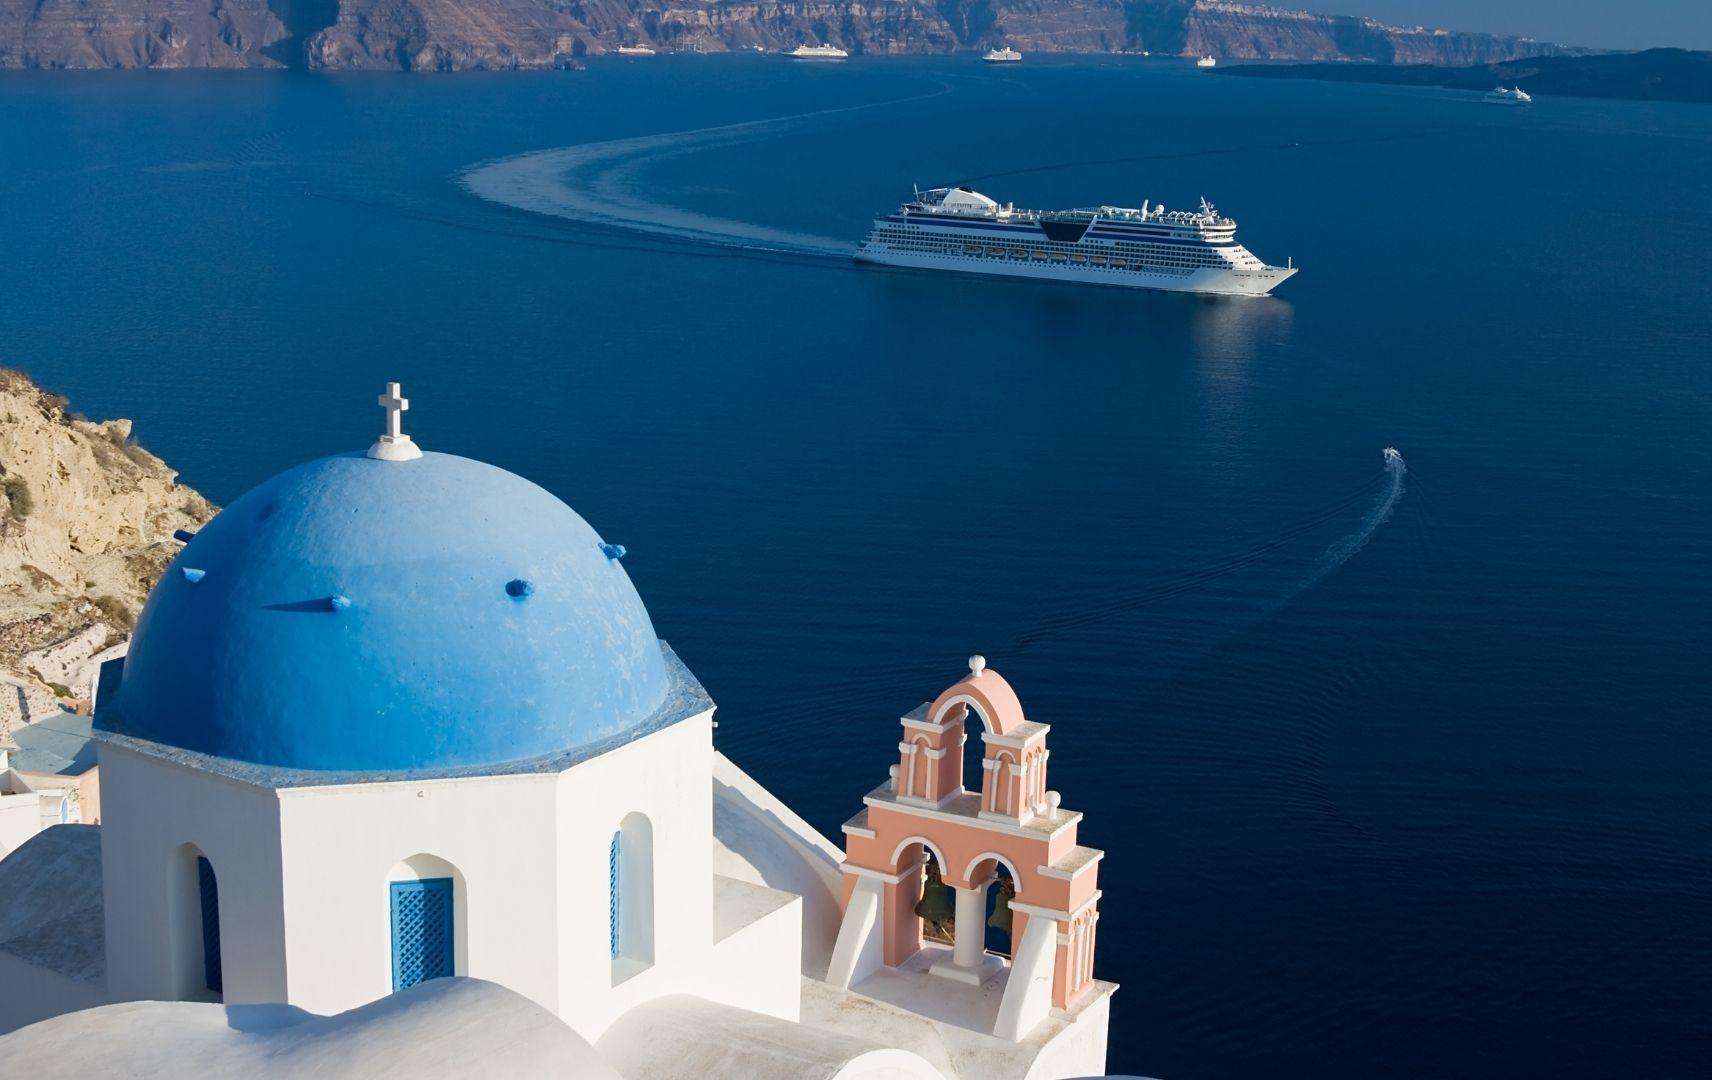 Kreuzfahrt top ten - Mittelmeer, Griechenland